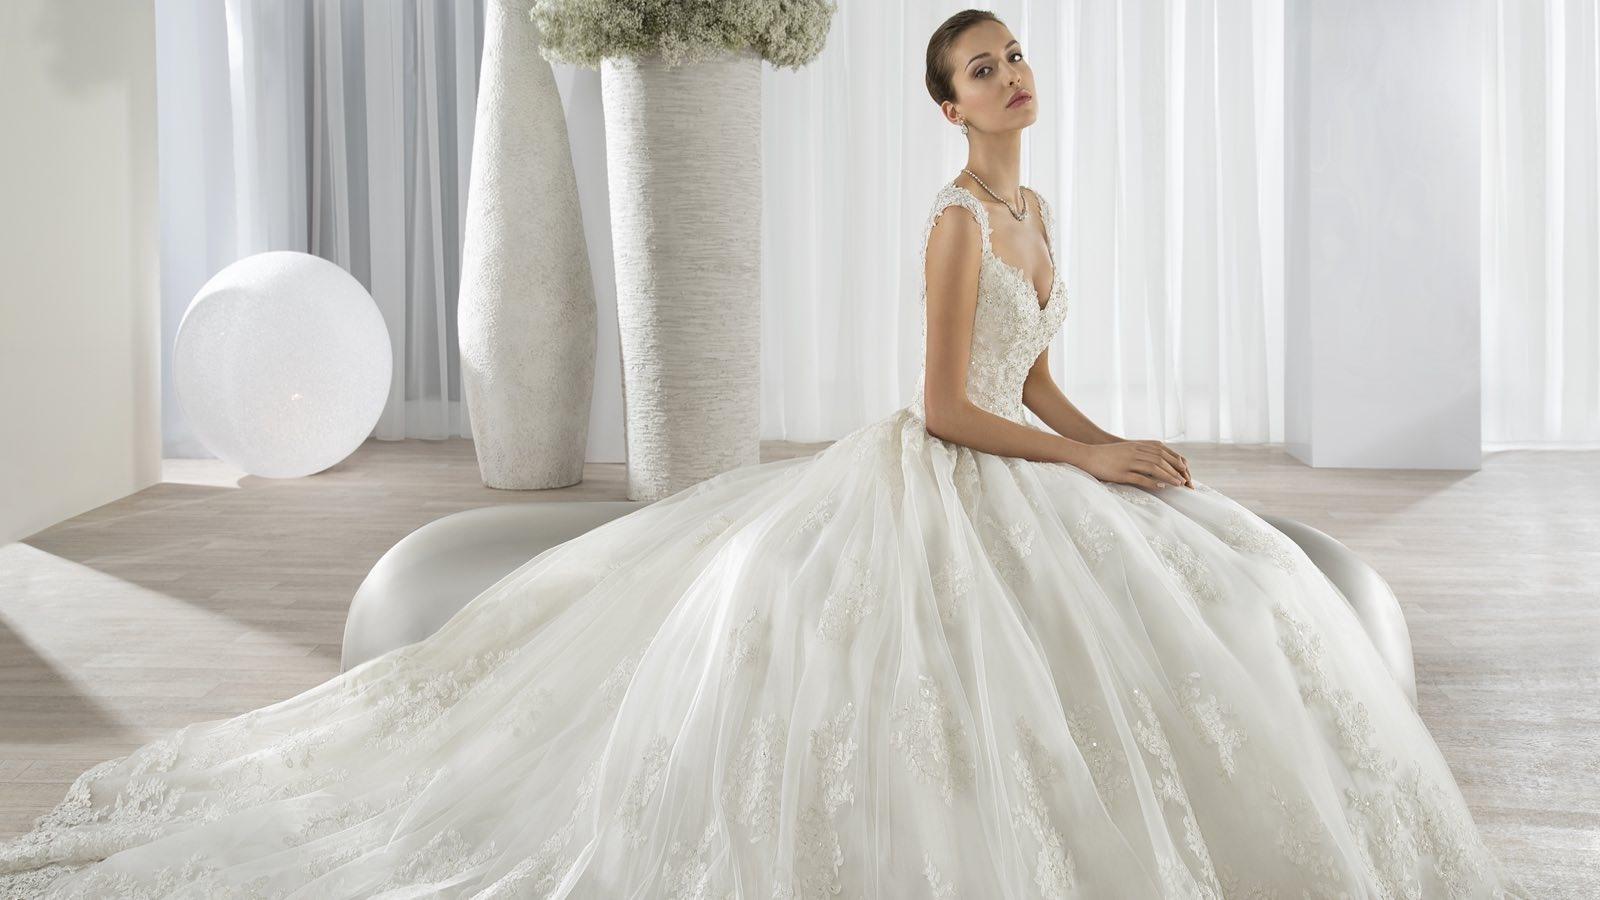 Formal Top Brautmoden Kleider Boutique20 Leicht Brautmoden Kleider Galerie